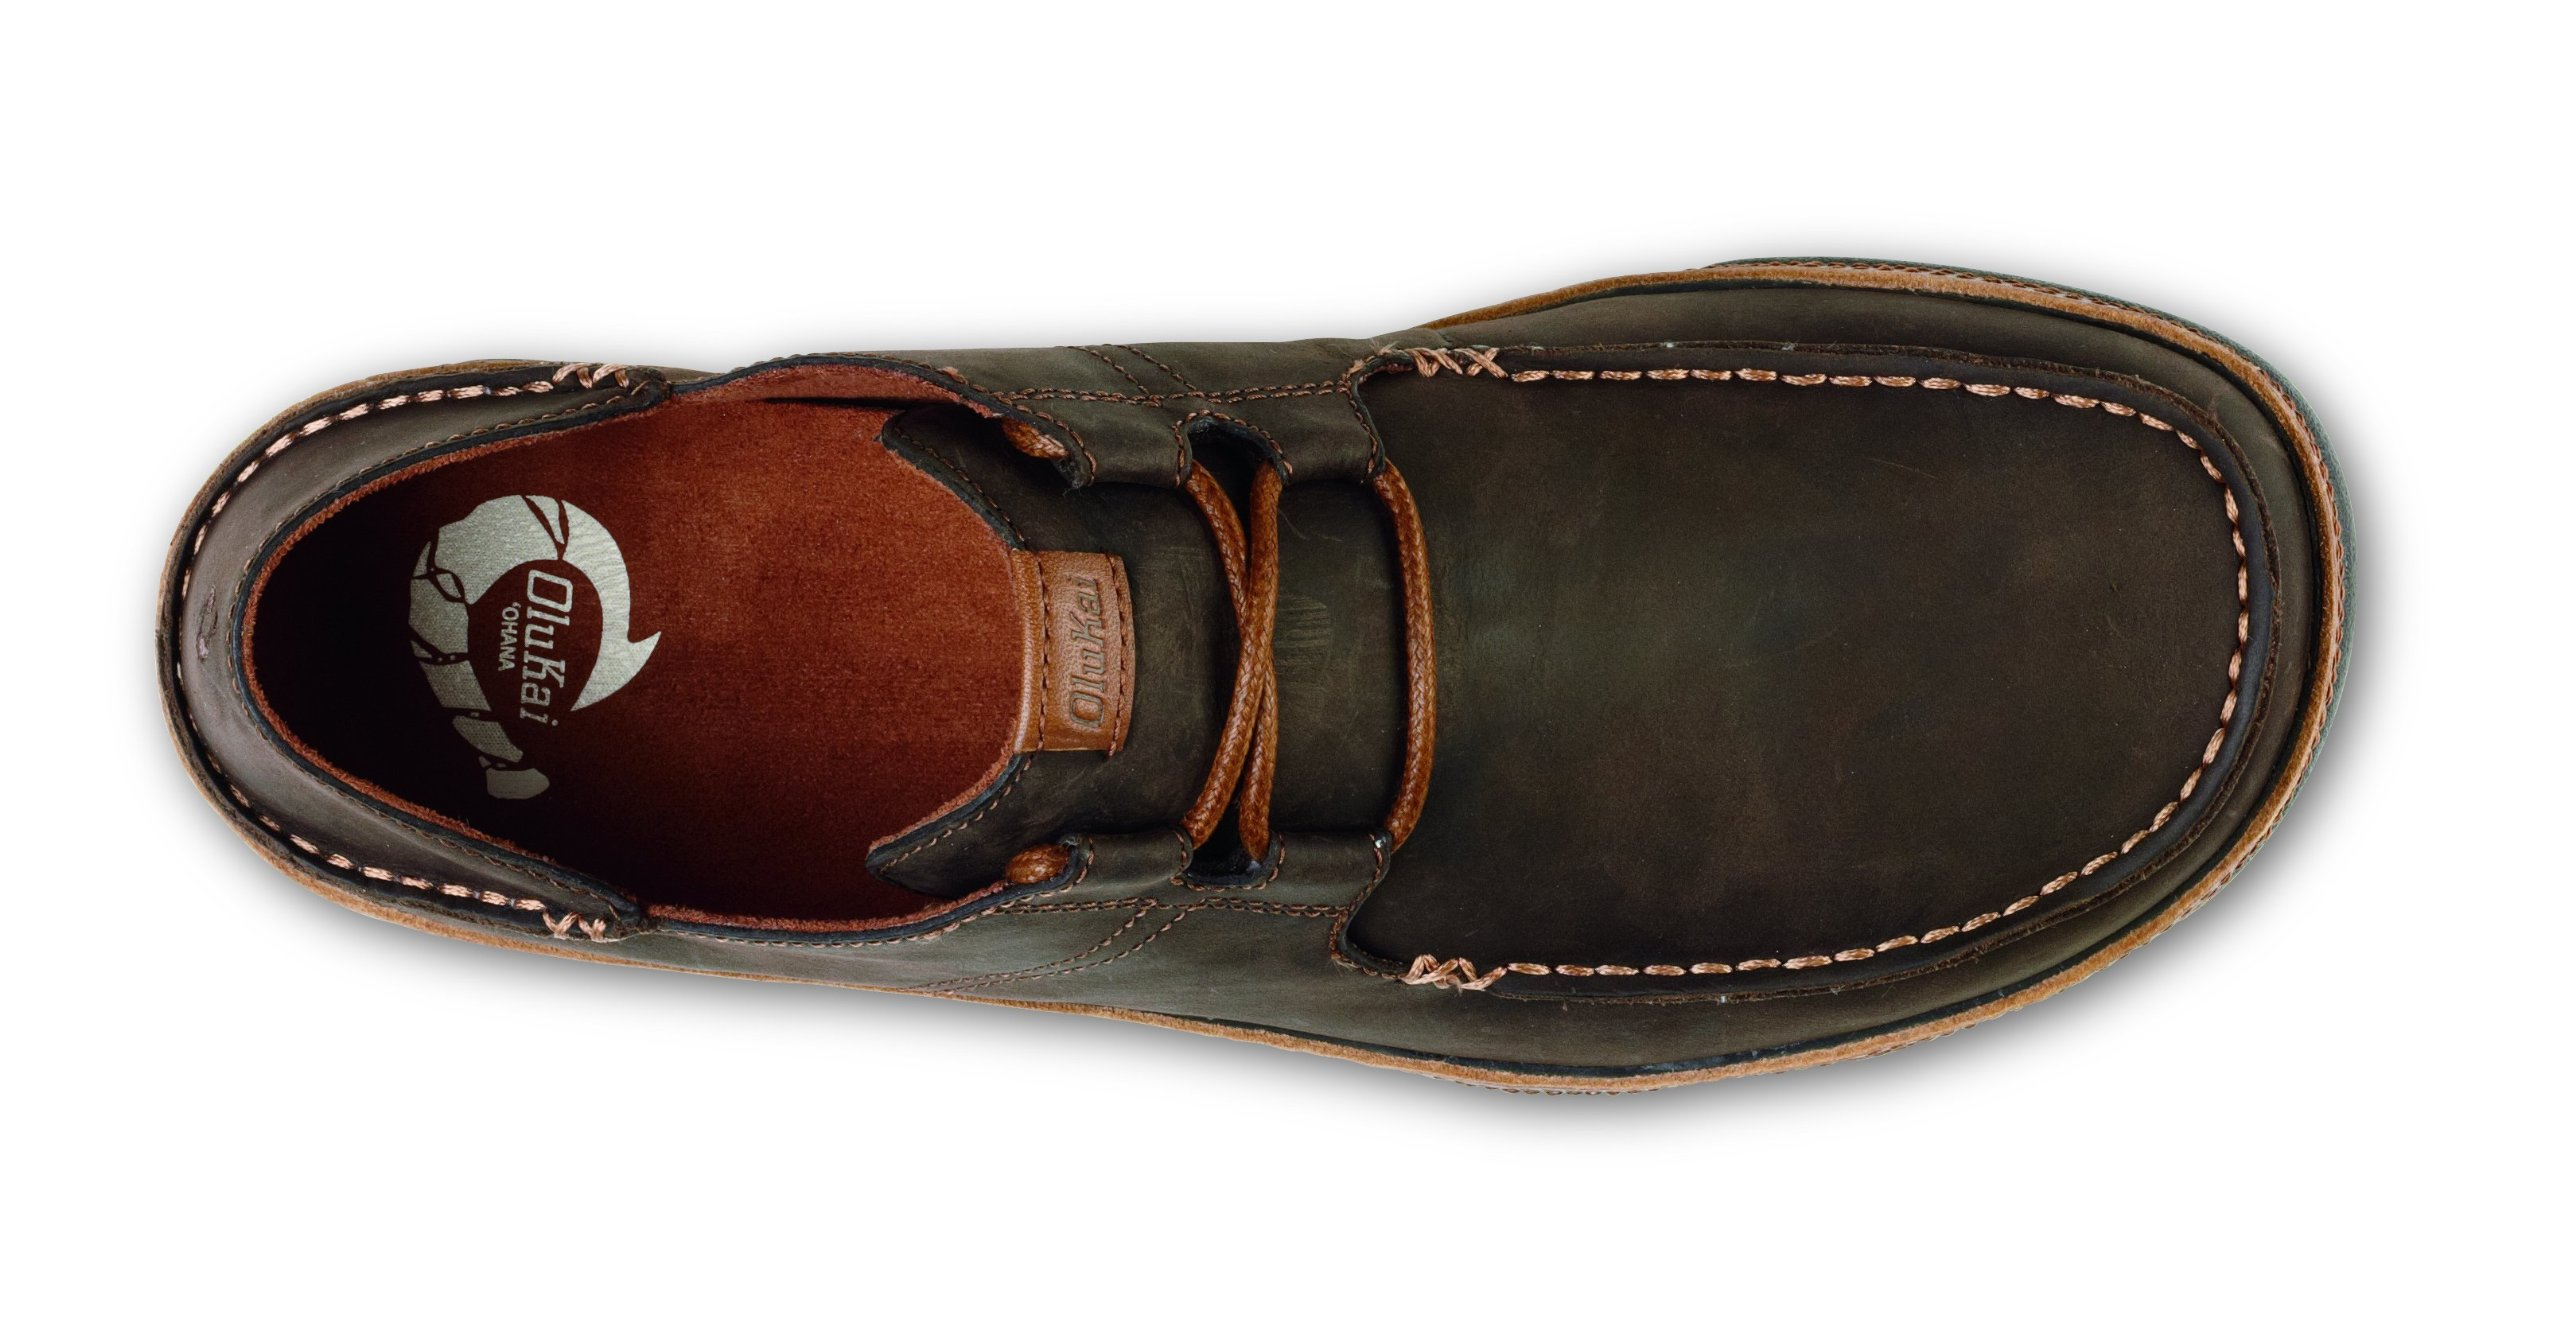 OluKai 'Ohana Lace-Up Nubuck Shoe - Men's Dark Wood/Toffee 9.5 by OluKai (Image #2)